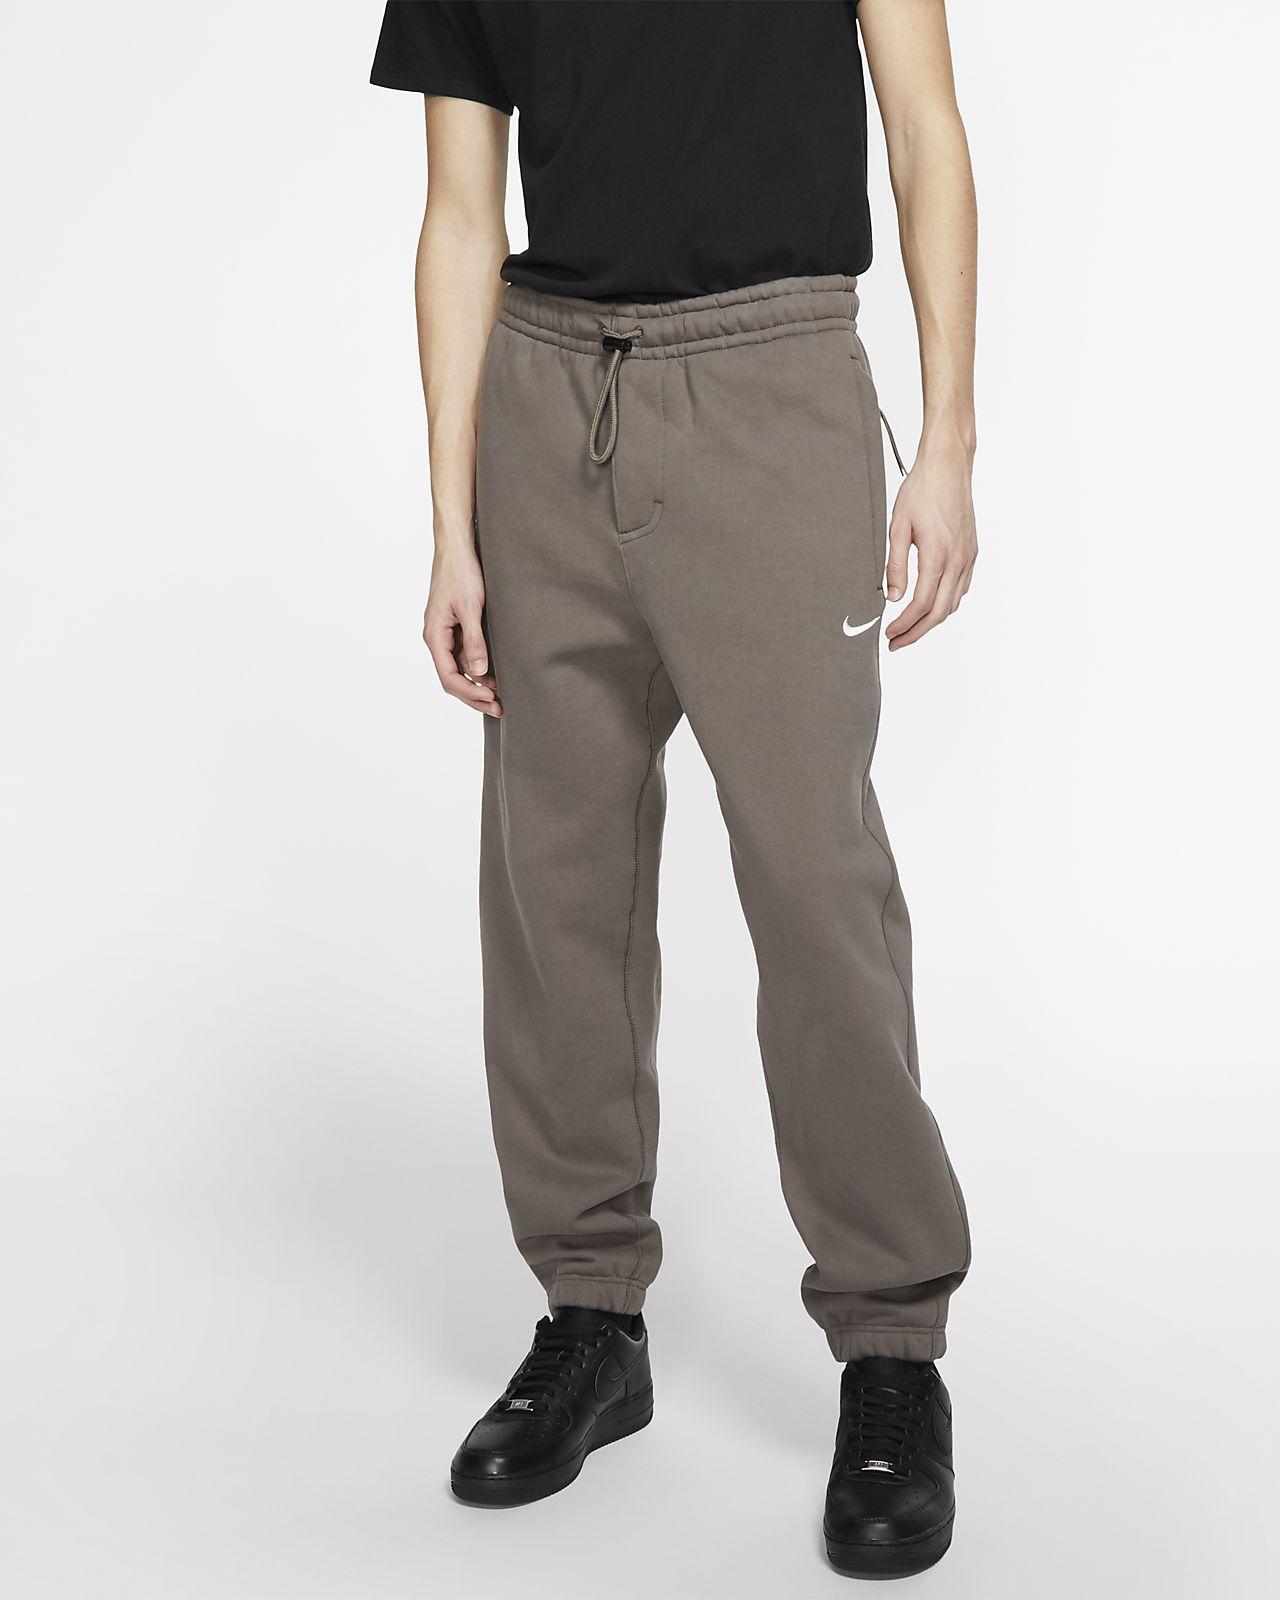 Pantalon en tissu Fleece NikeLab Collection pour Homme